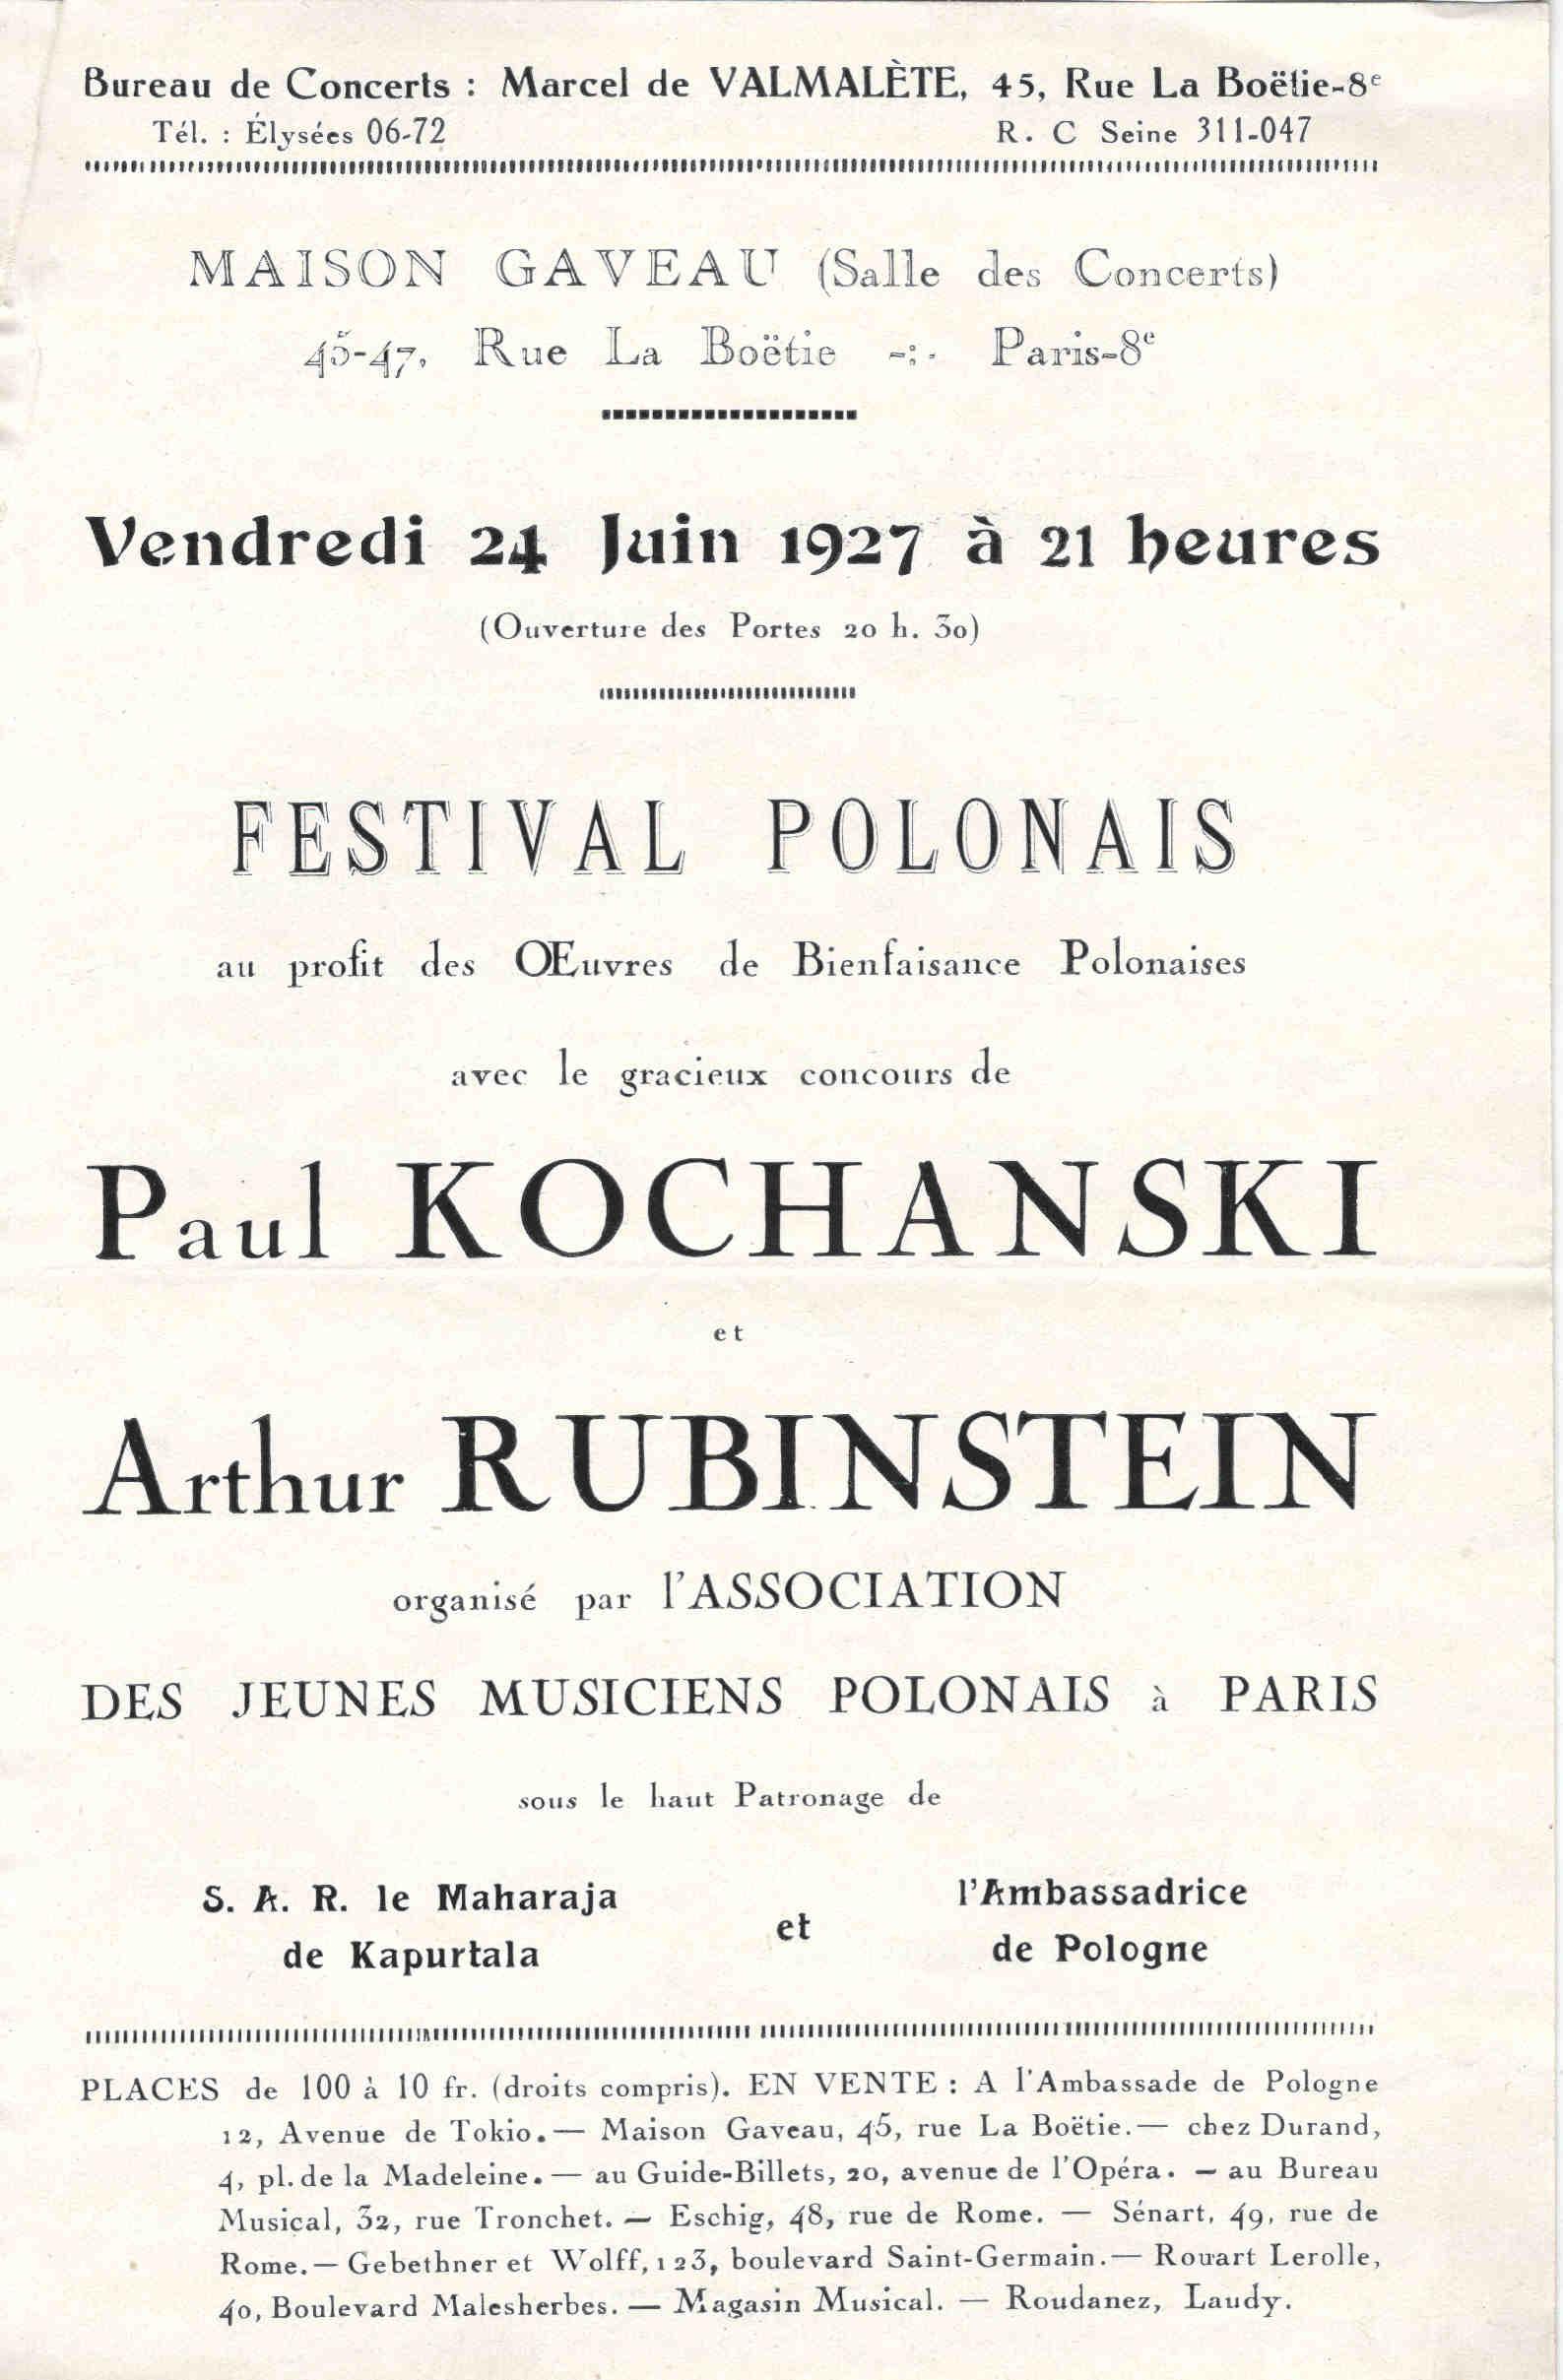 Plikzaproszenie Na Festiwal Polski W Paryżujpg Wikipedia Wolna